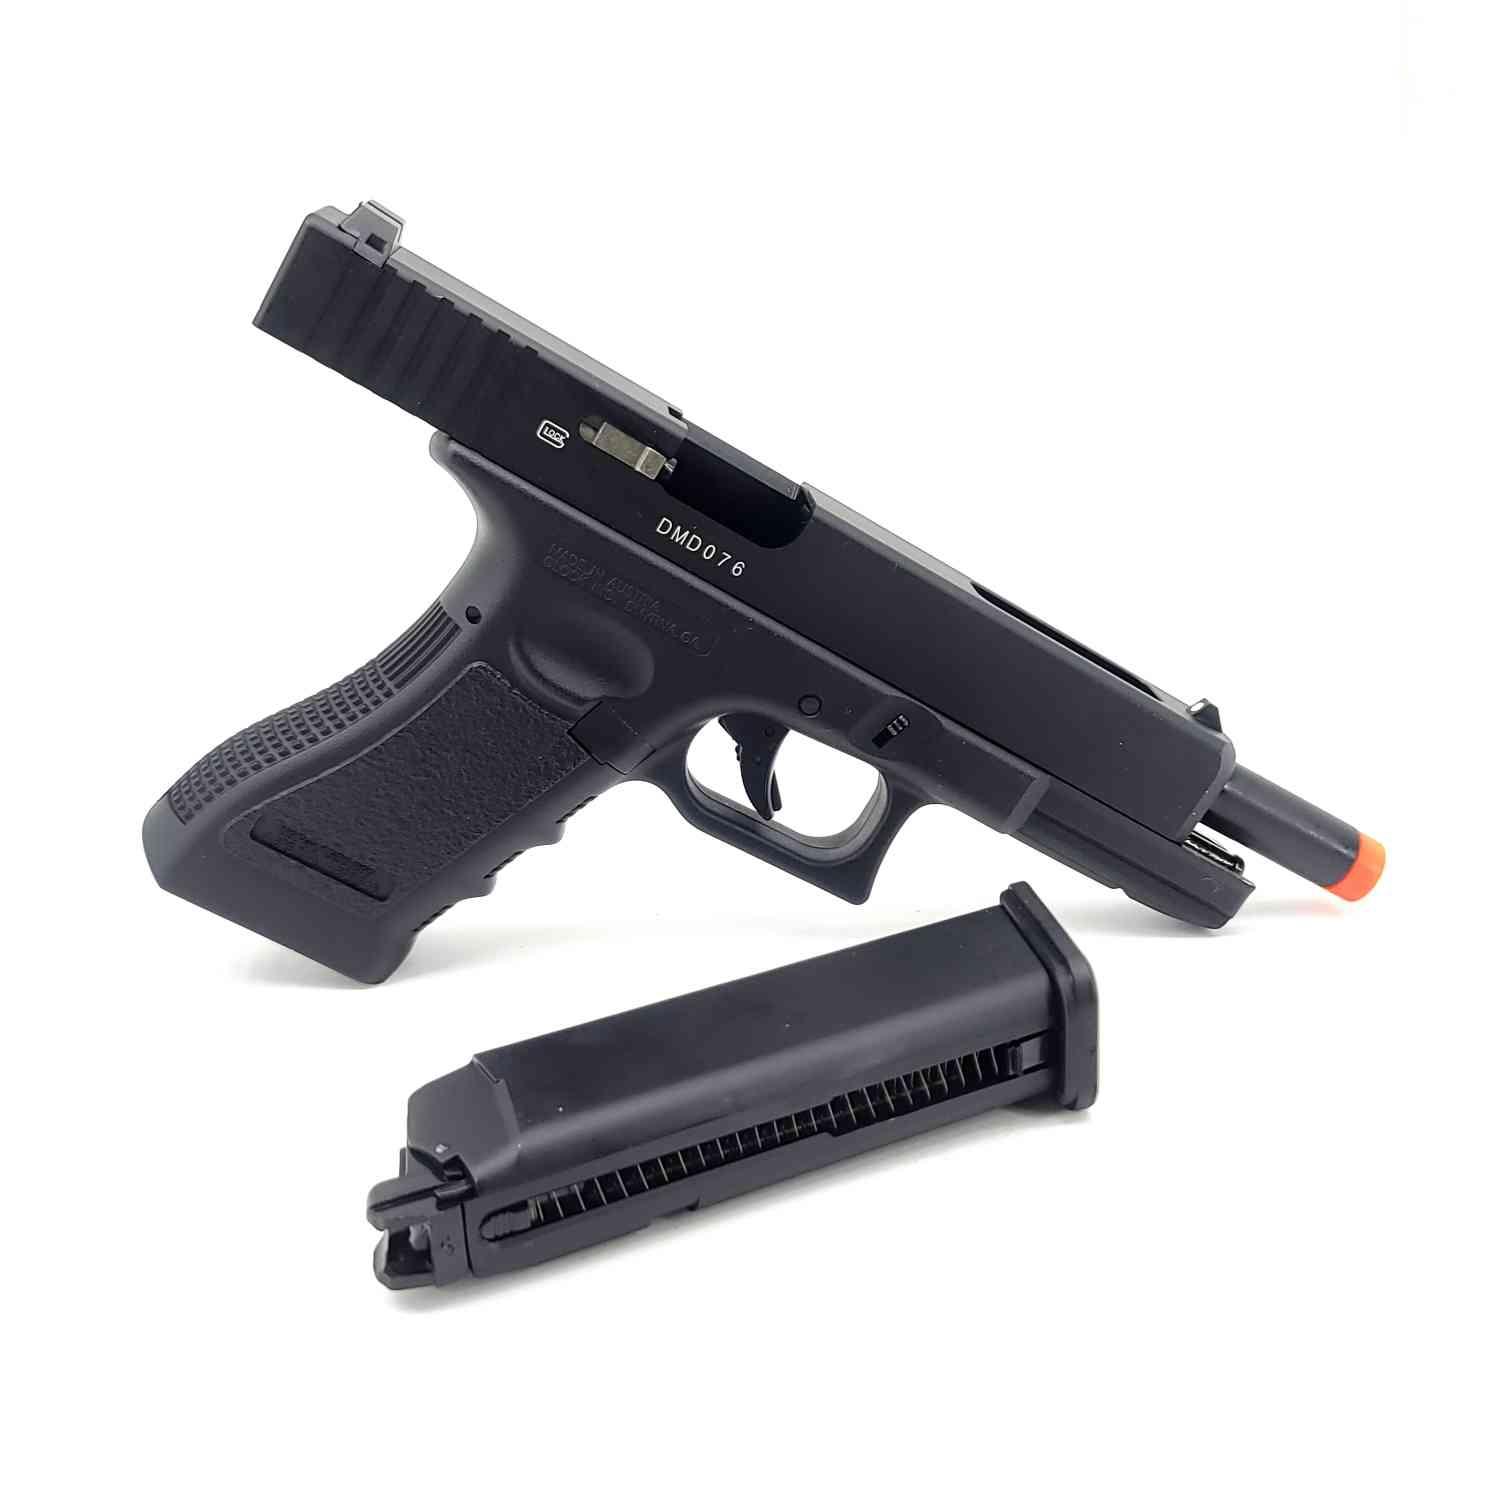 DOUBLE BELL Glock G34 Gas Powered Gel Blaster [765] Renegade Blasters